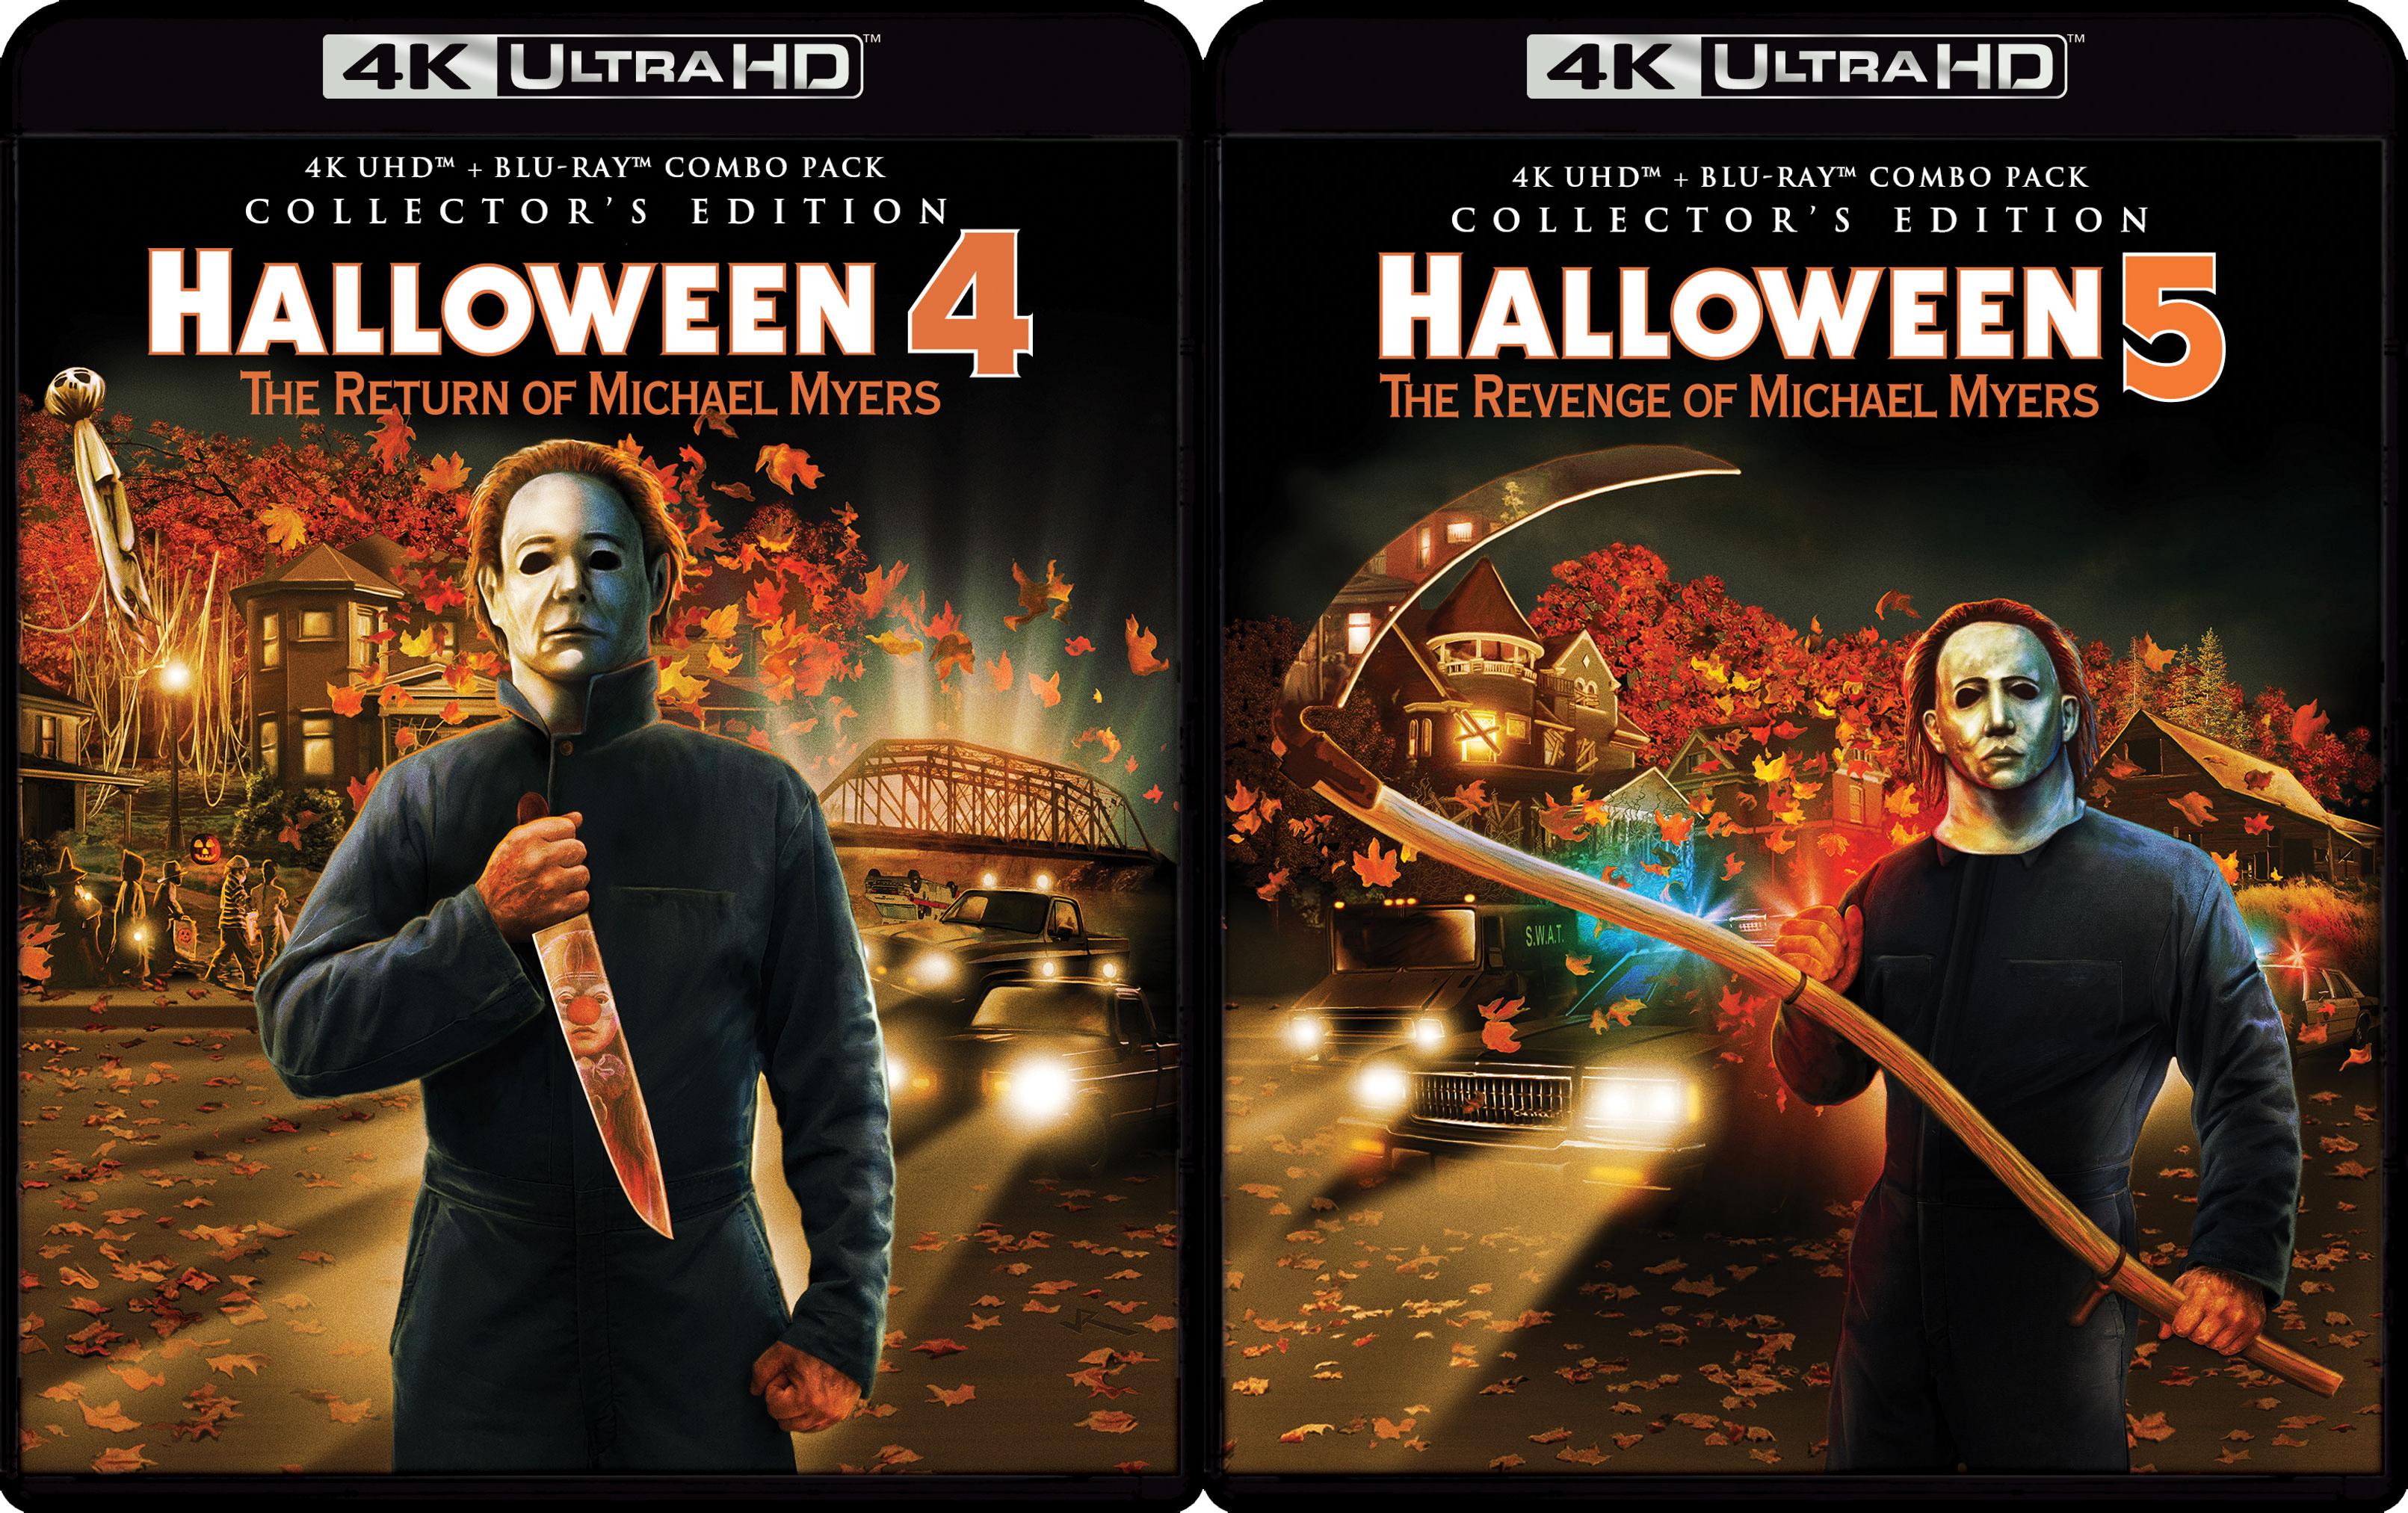 HALLOWEEN 4 & HALLOWEEN 5 4K DISCS ANNOUNCED